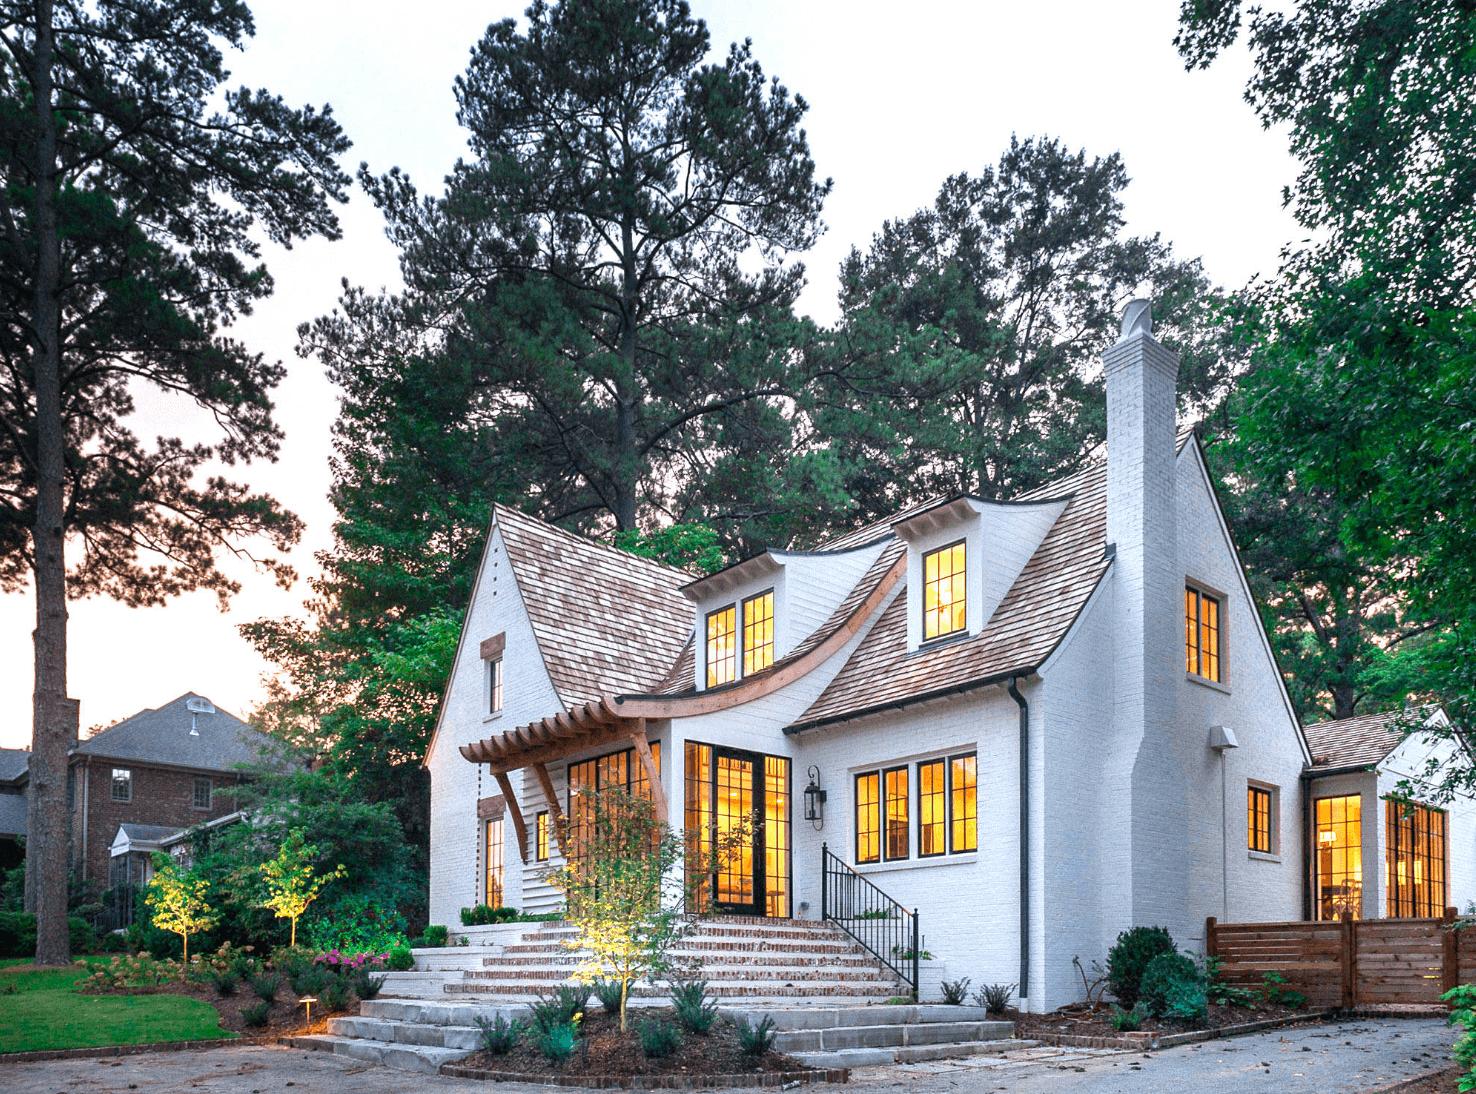 Wit huis met geschilderde bakstenen